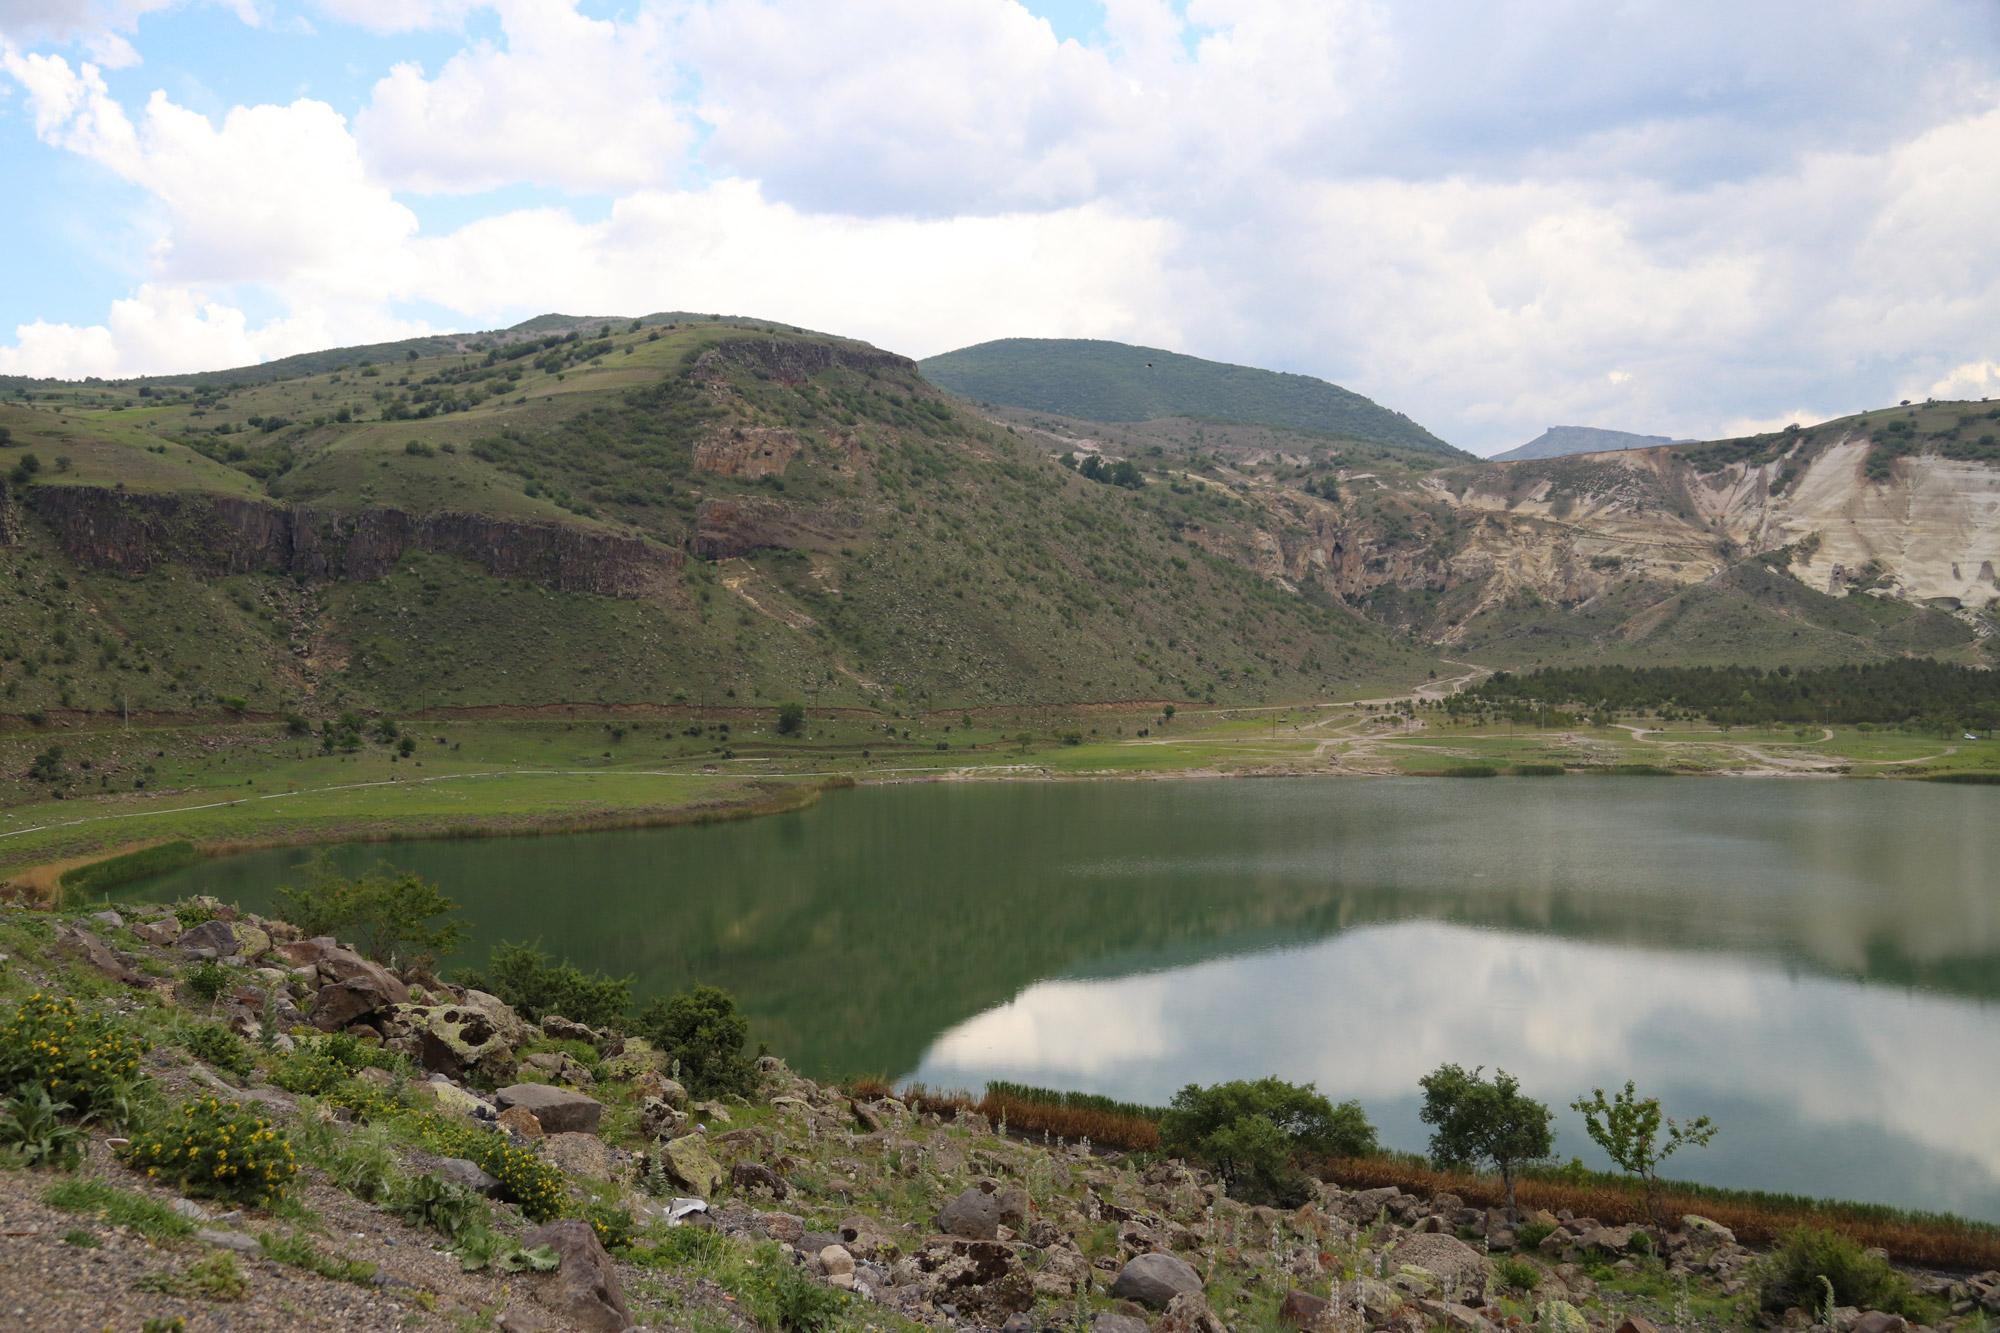 Turkije reisverslag: Laatste dag in Cappadocië - Het kratermeer van Narligöl